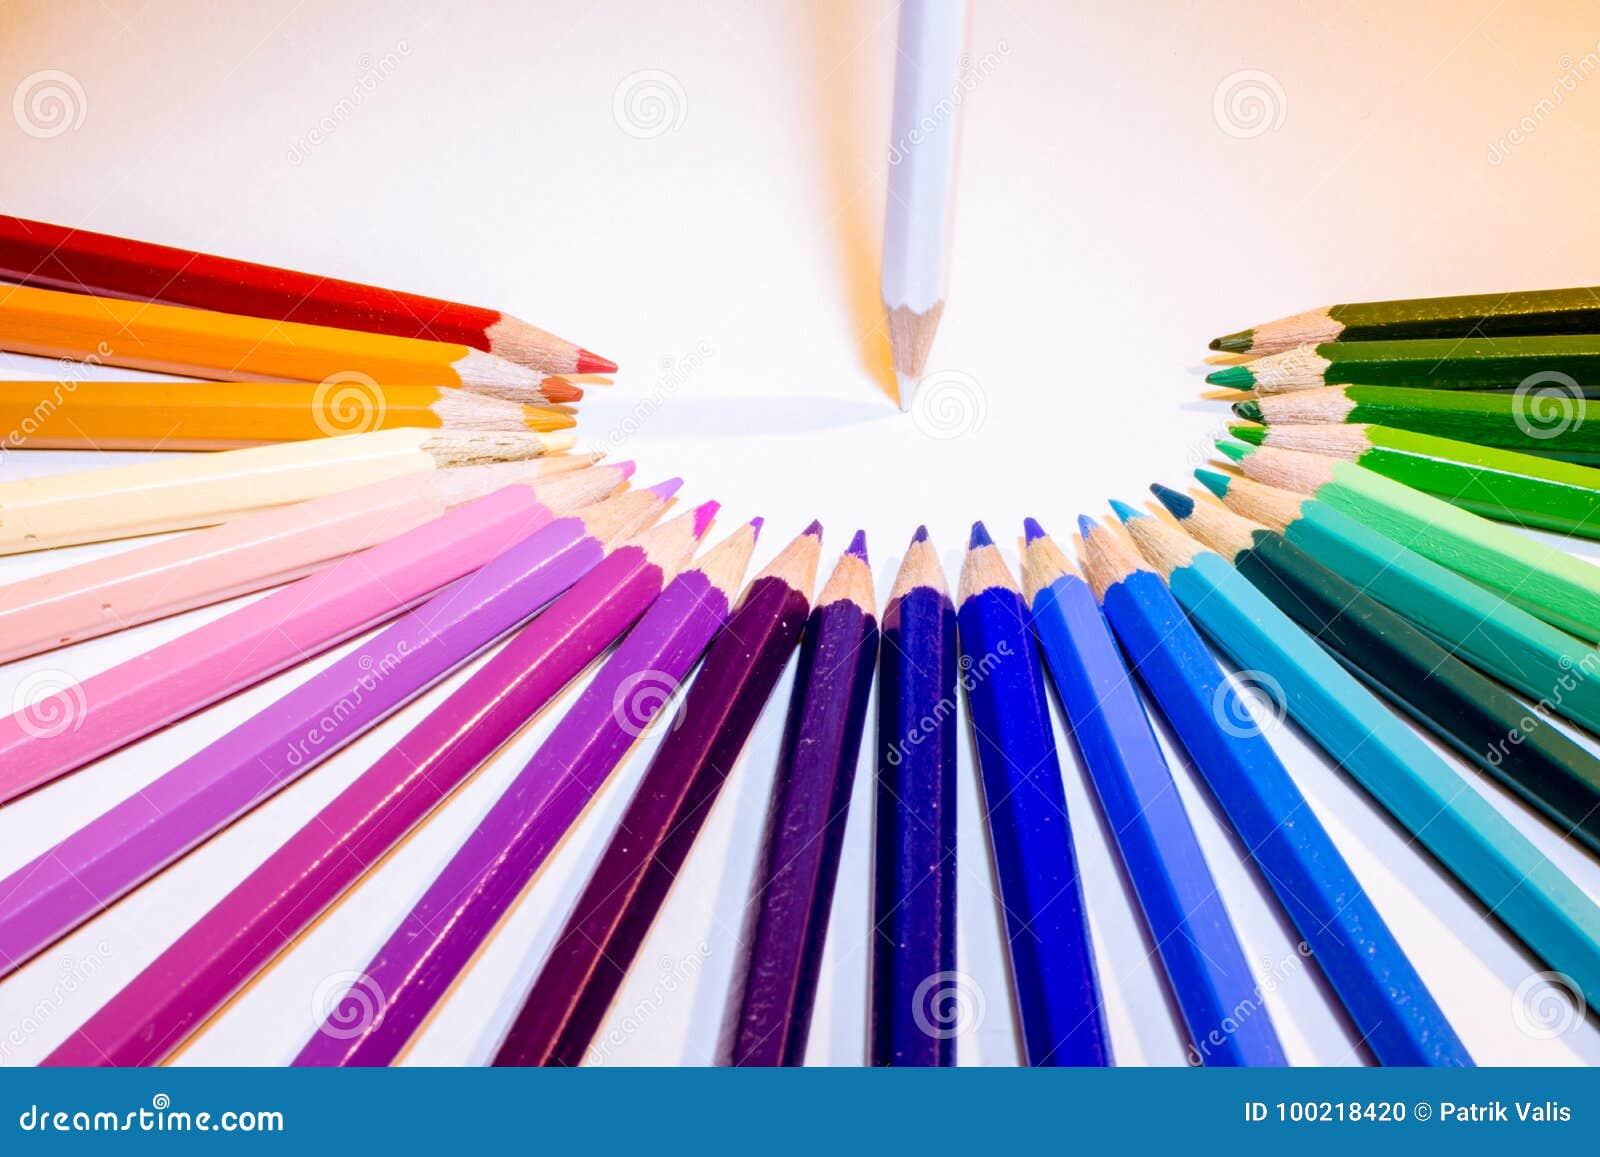 Teambeheer van kleurpotloden